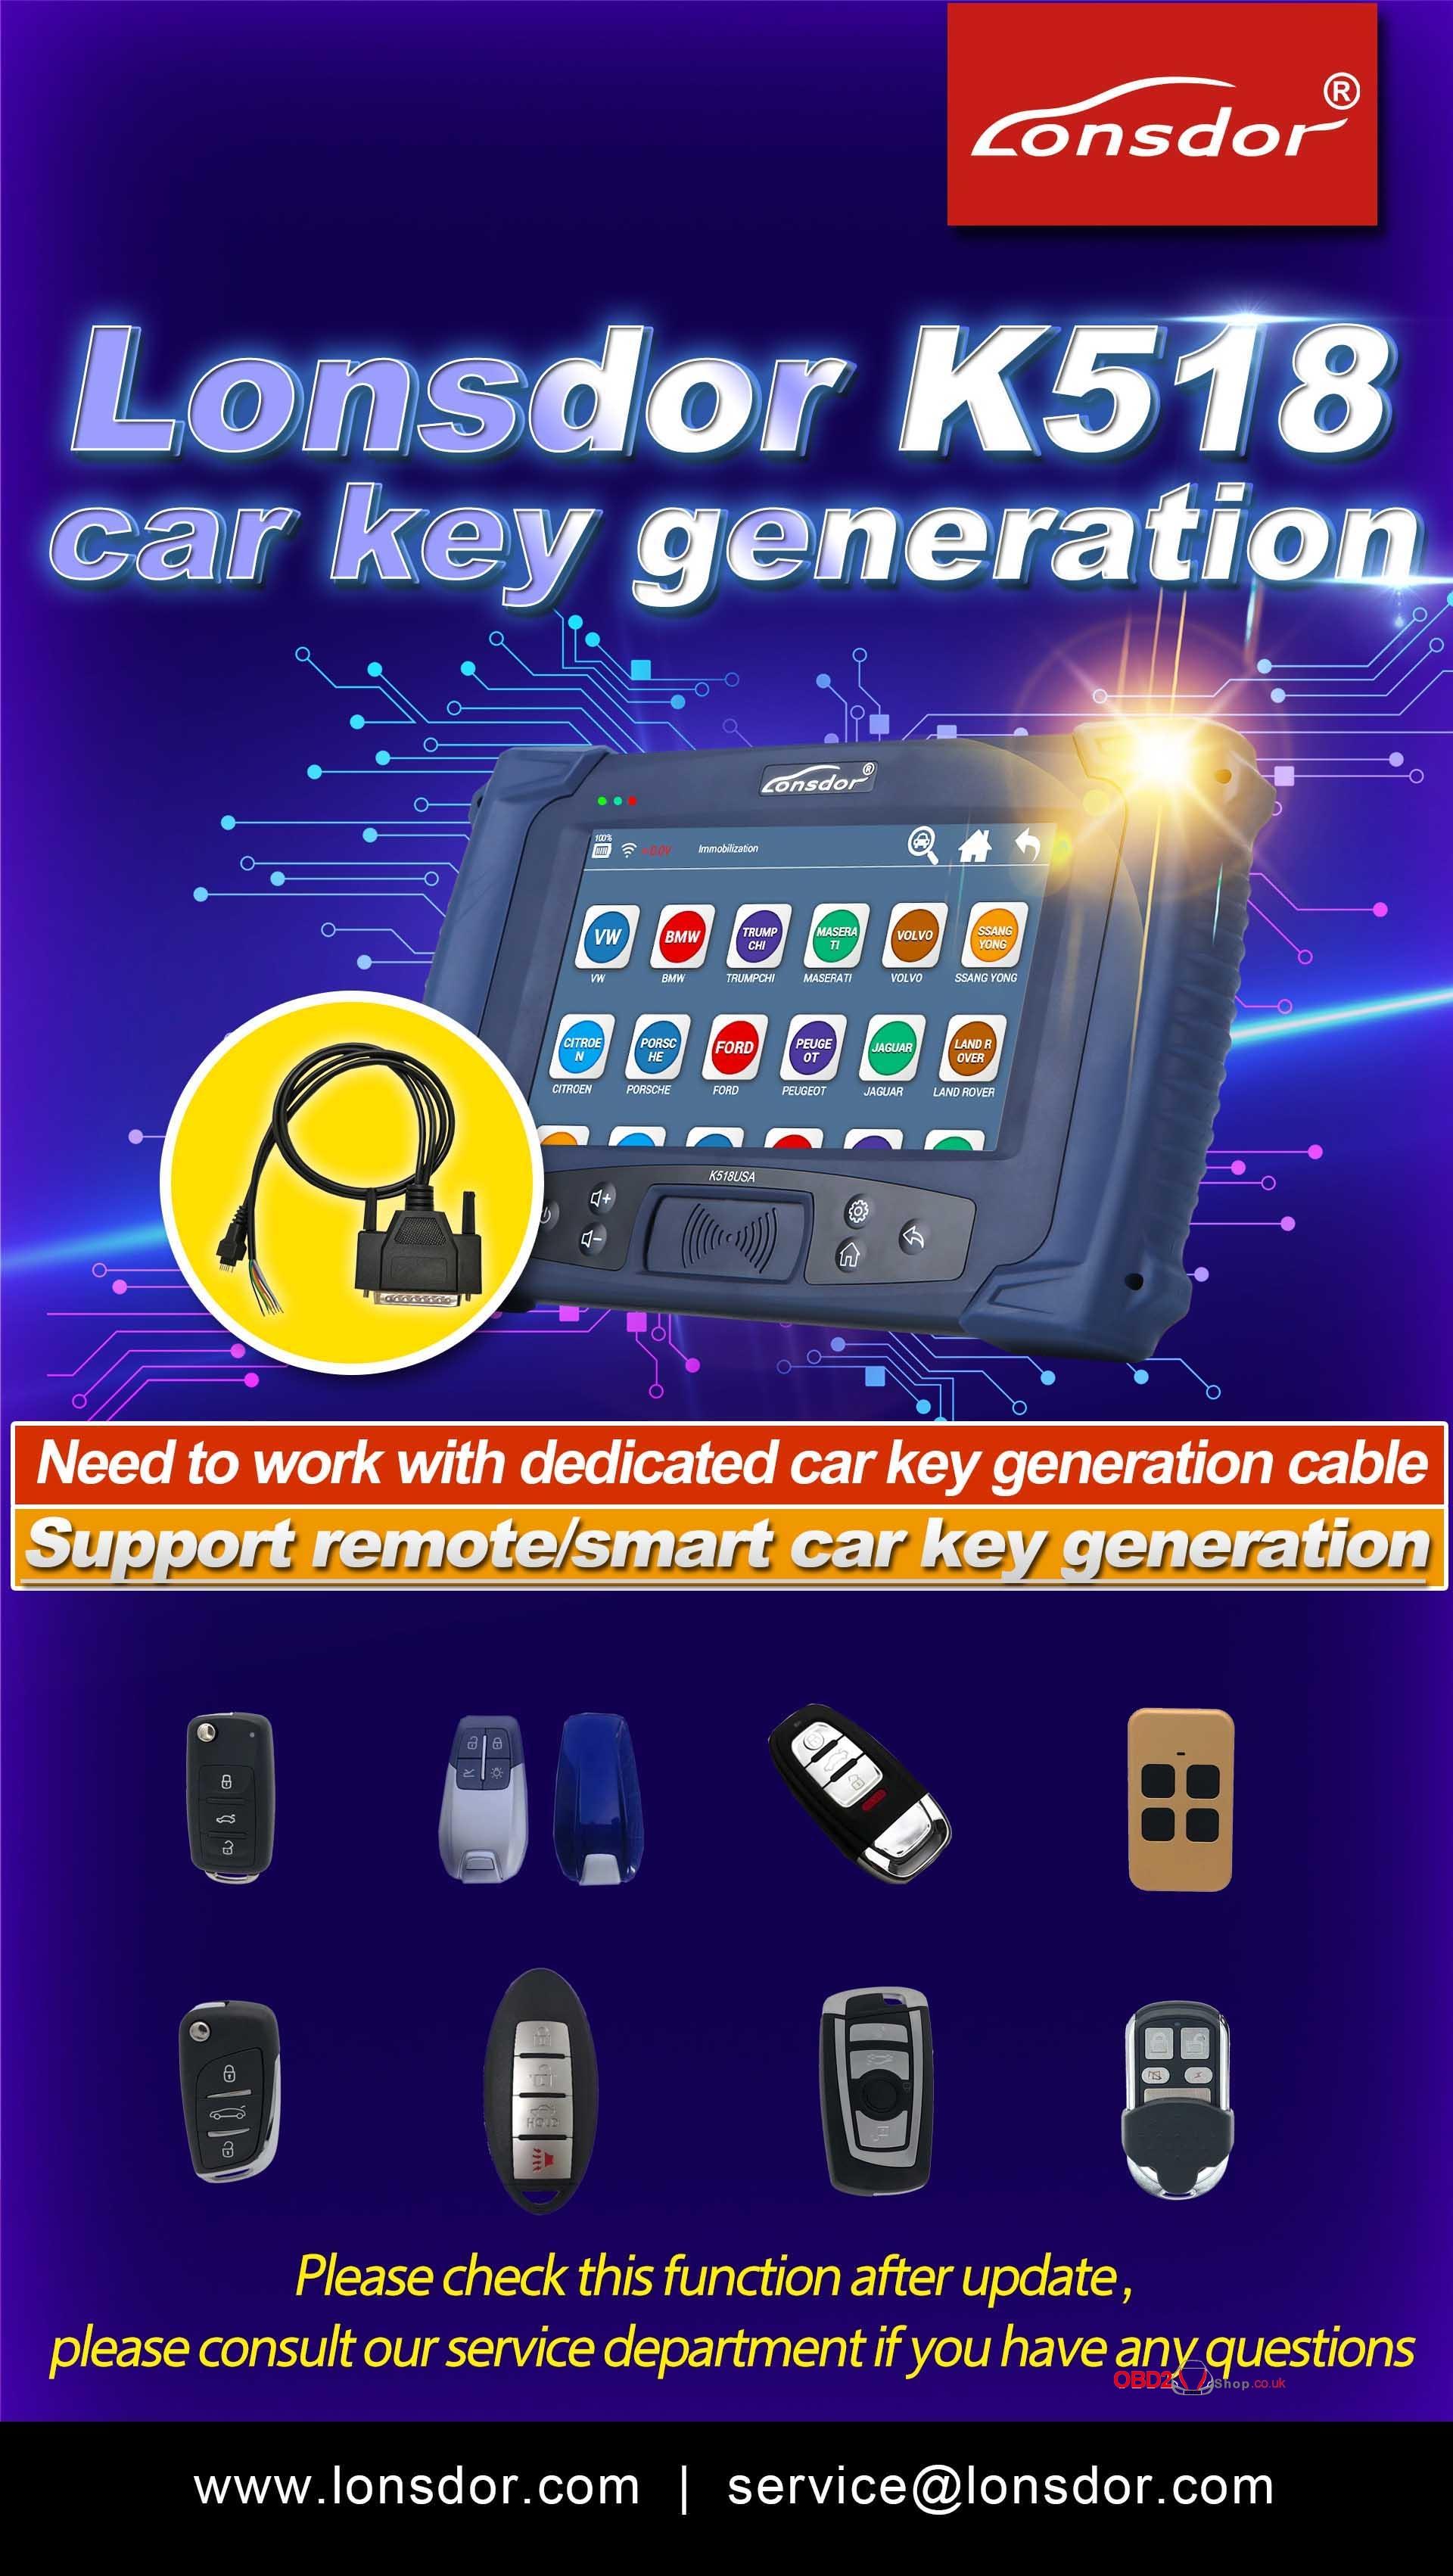 lonsdor-k518s-k518-remote-smart-key-generation-00